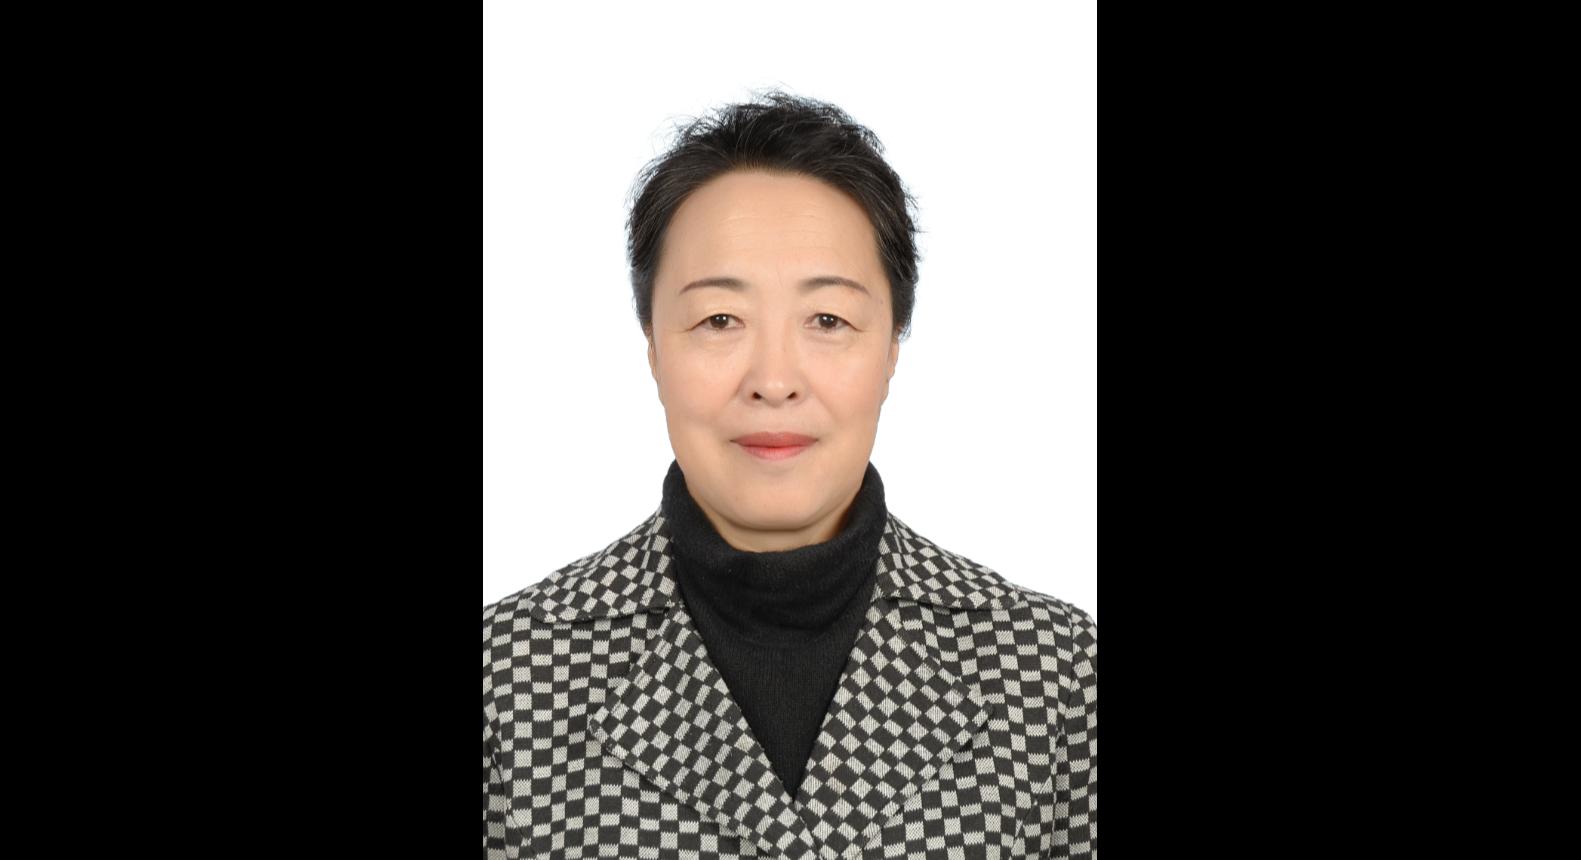 傳承保國精神  致力脫貧攻堅—河北農業大學研究員郭素萍